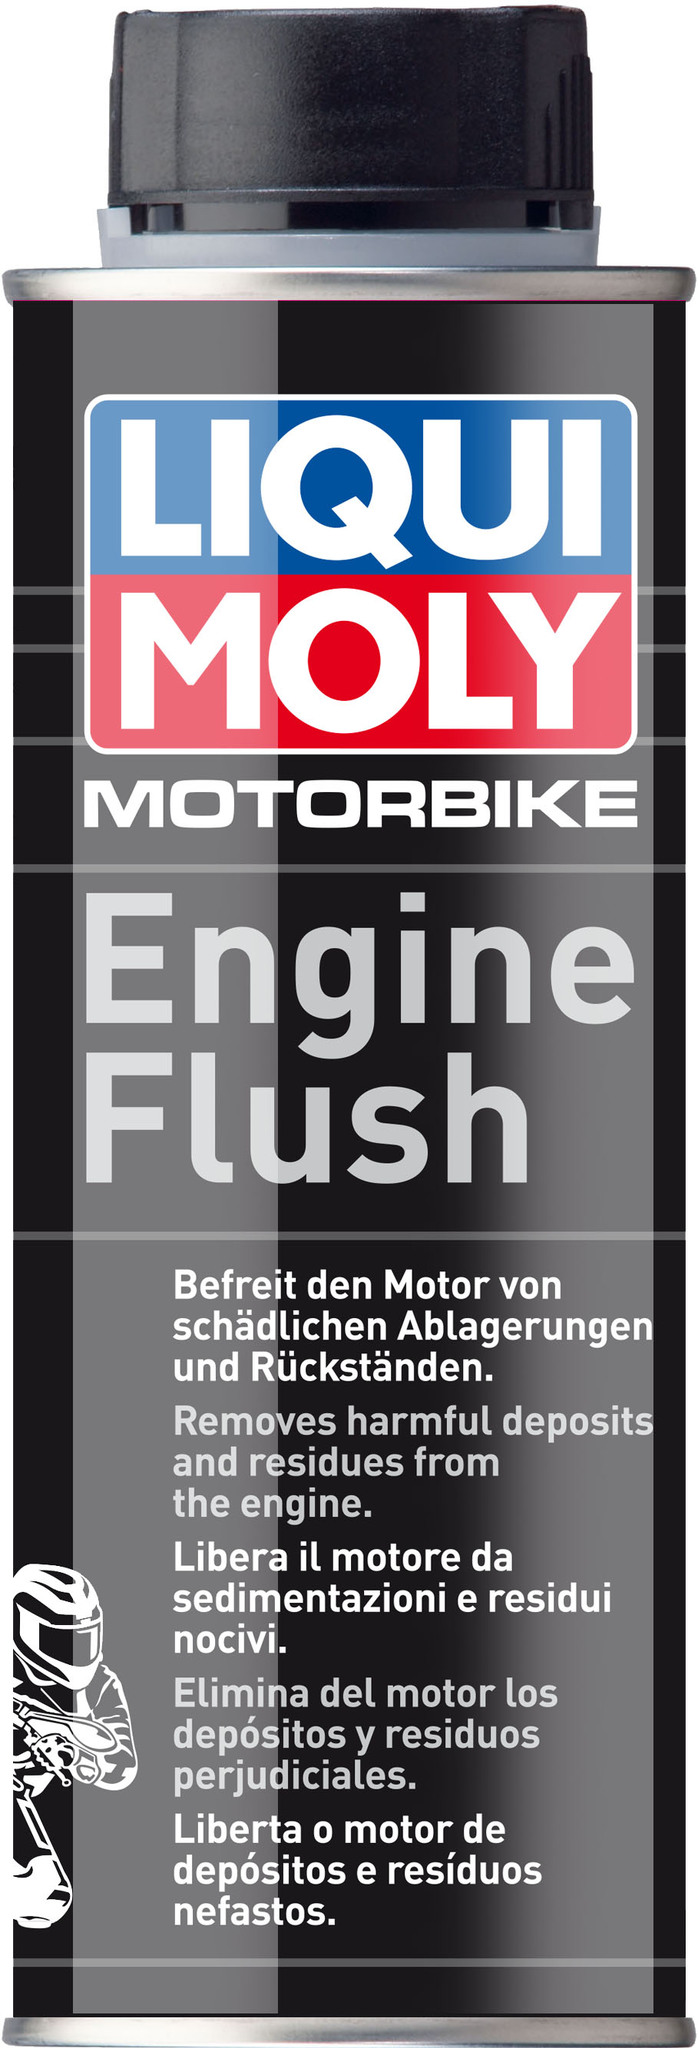 Liqui Moly Racing Engine Flush Промывка для мотоциклетных двигателей